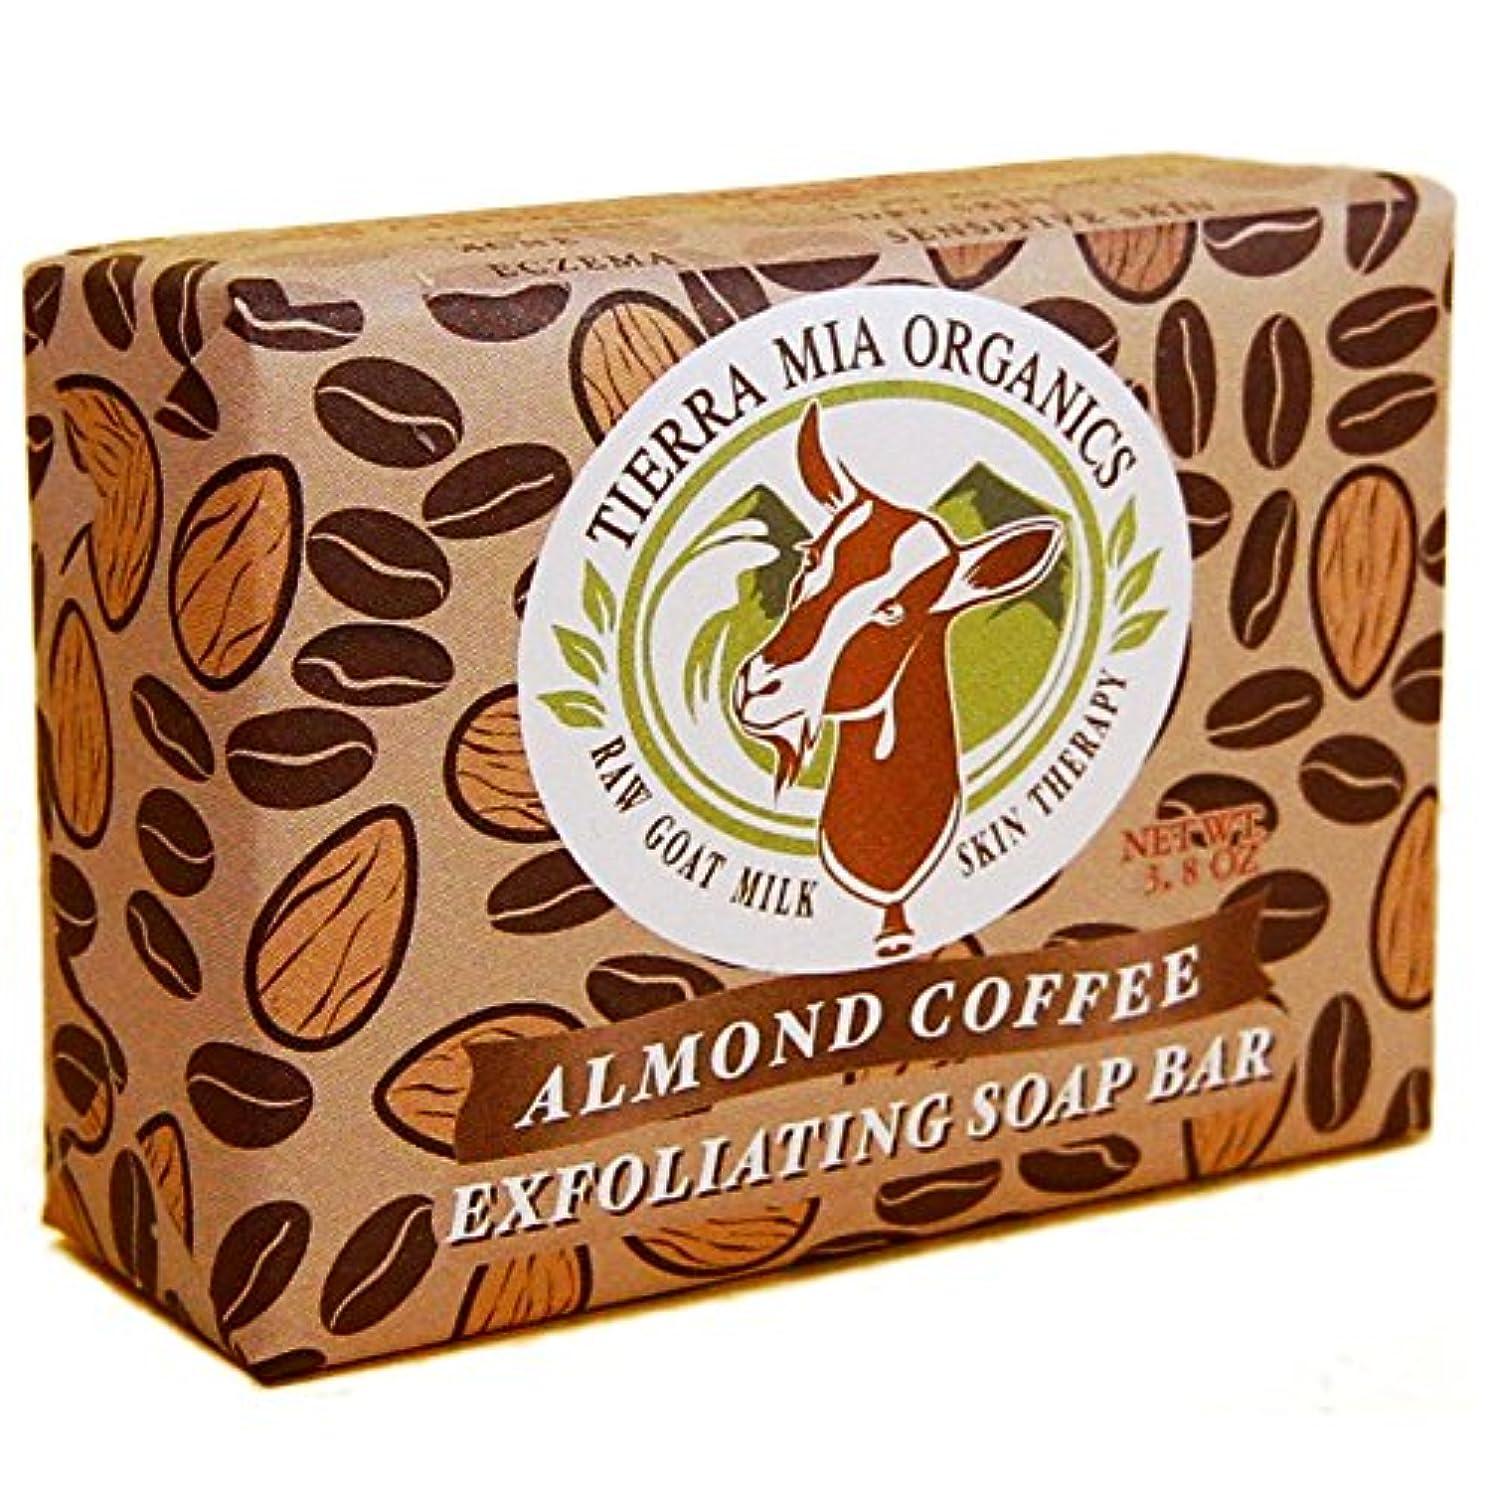 モンキー森カンガルーTierra Mia Organics, Raw Goat Milk Skin Therapy, Exfoliating Soap Bar, Almond Coffee, 3.8 oz